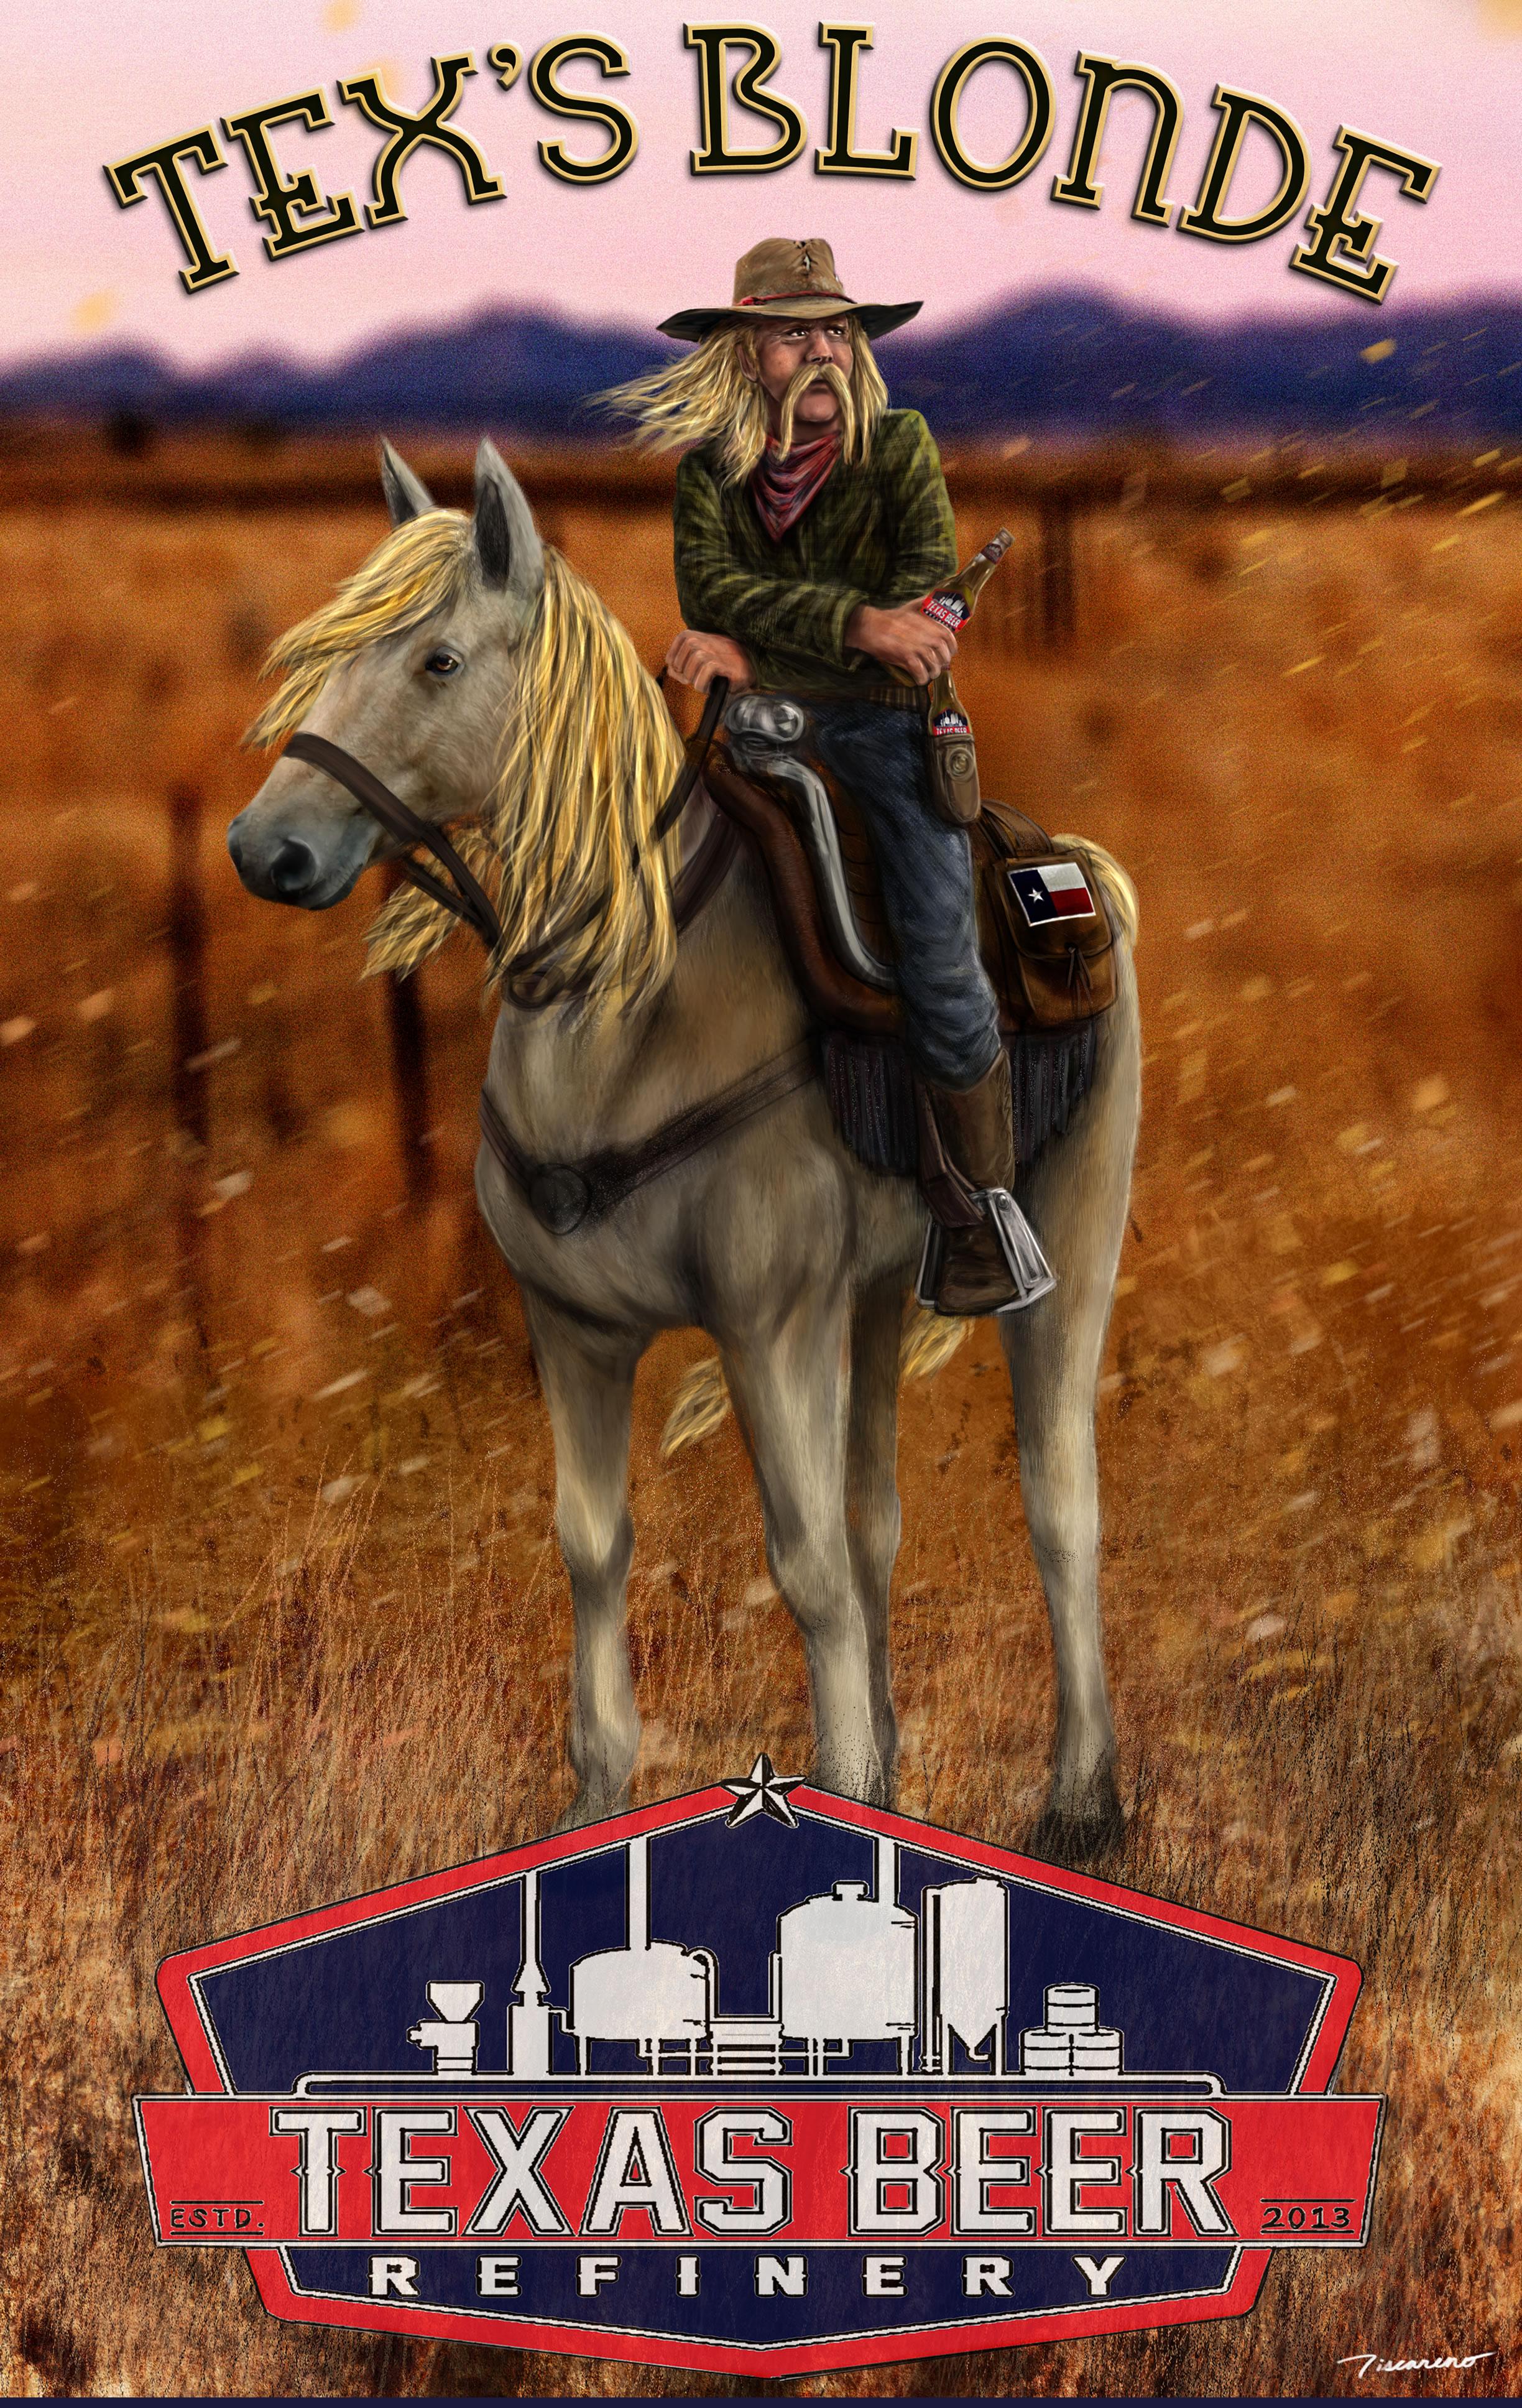 texasbeersketch1-final-Tex'sblonde_R3.jpg